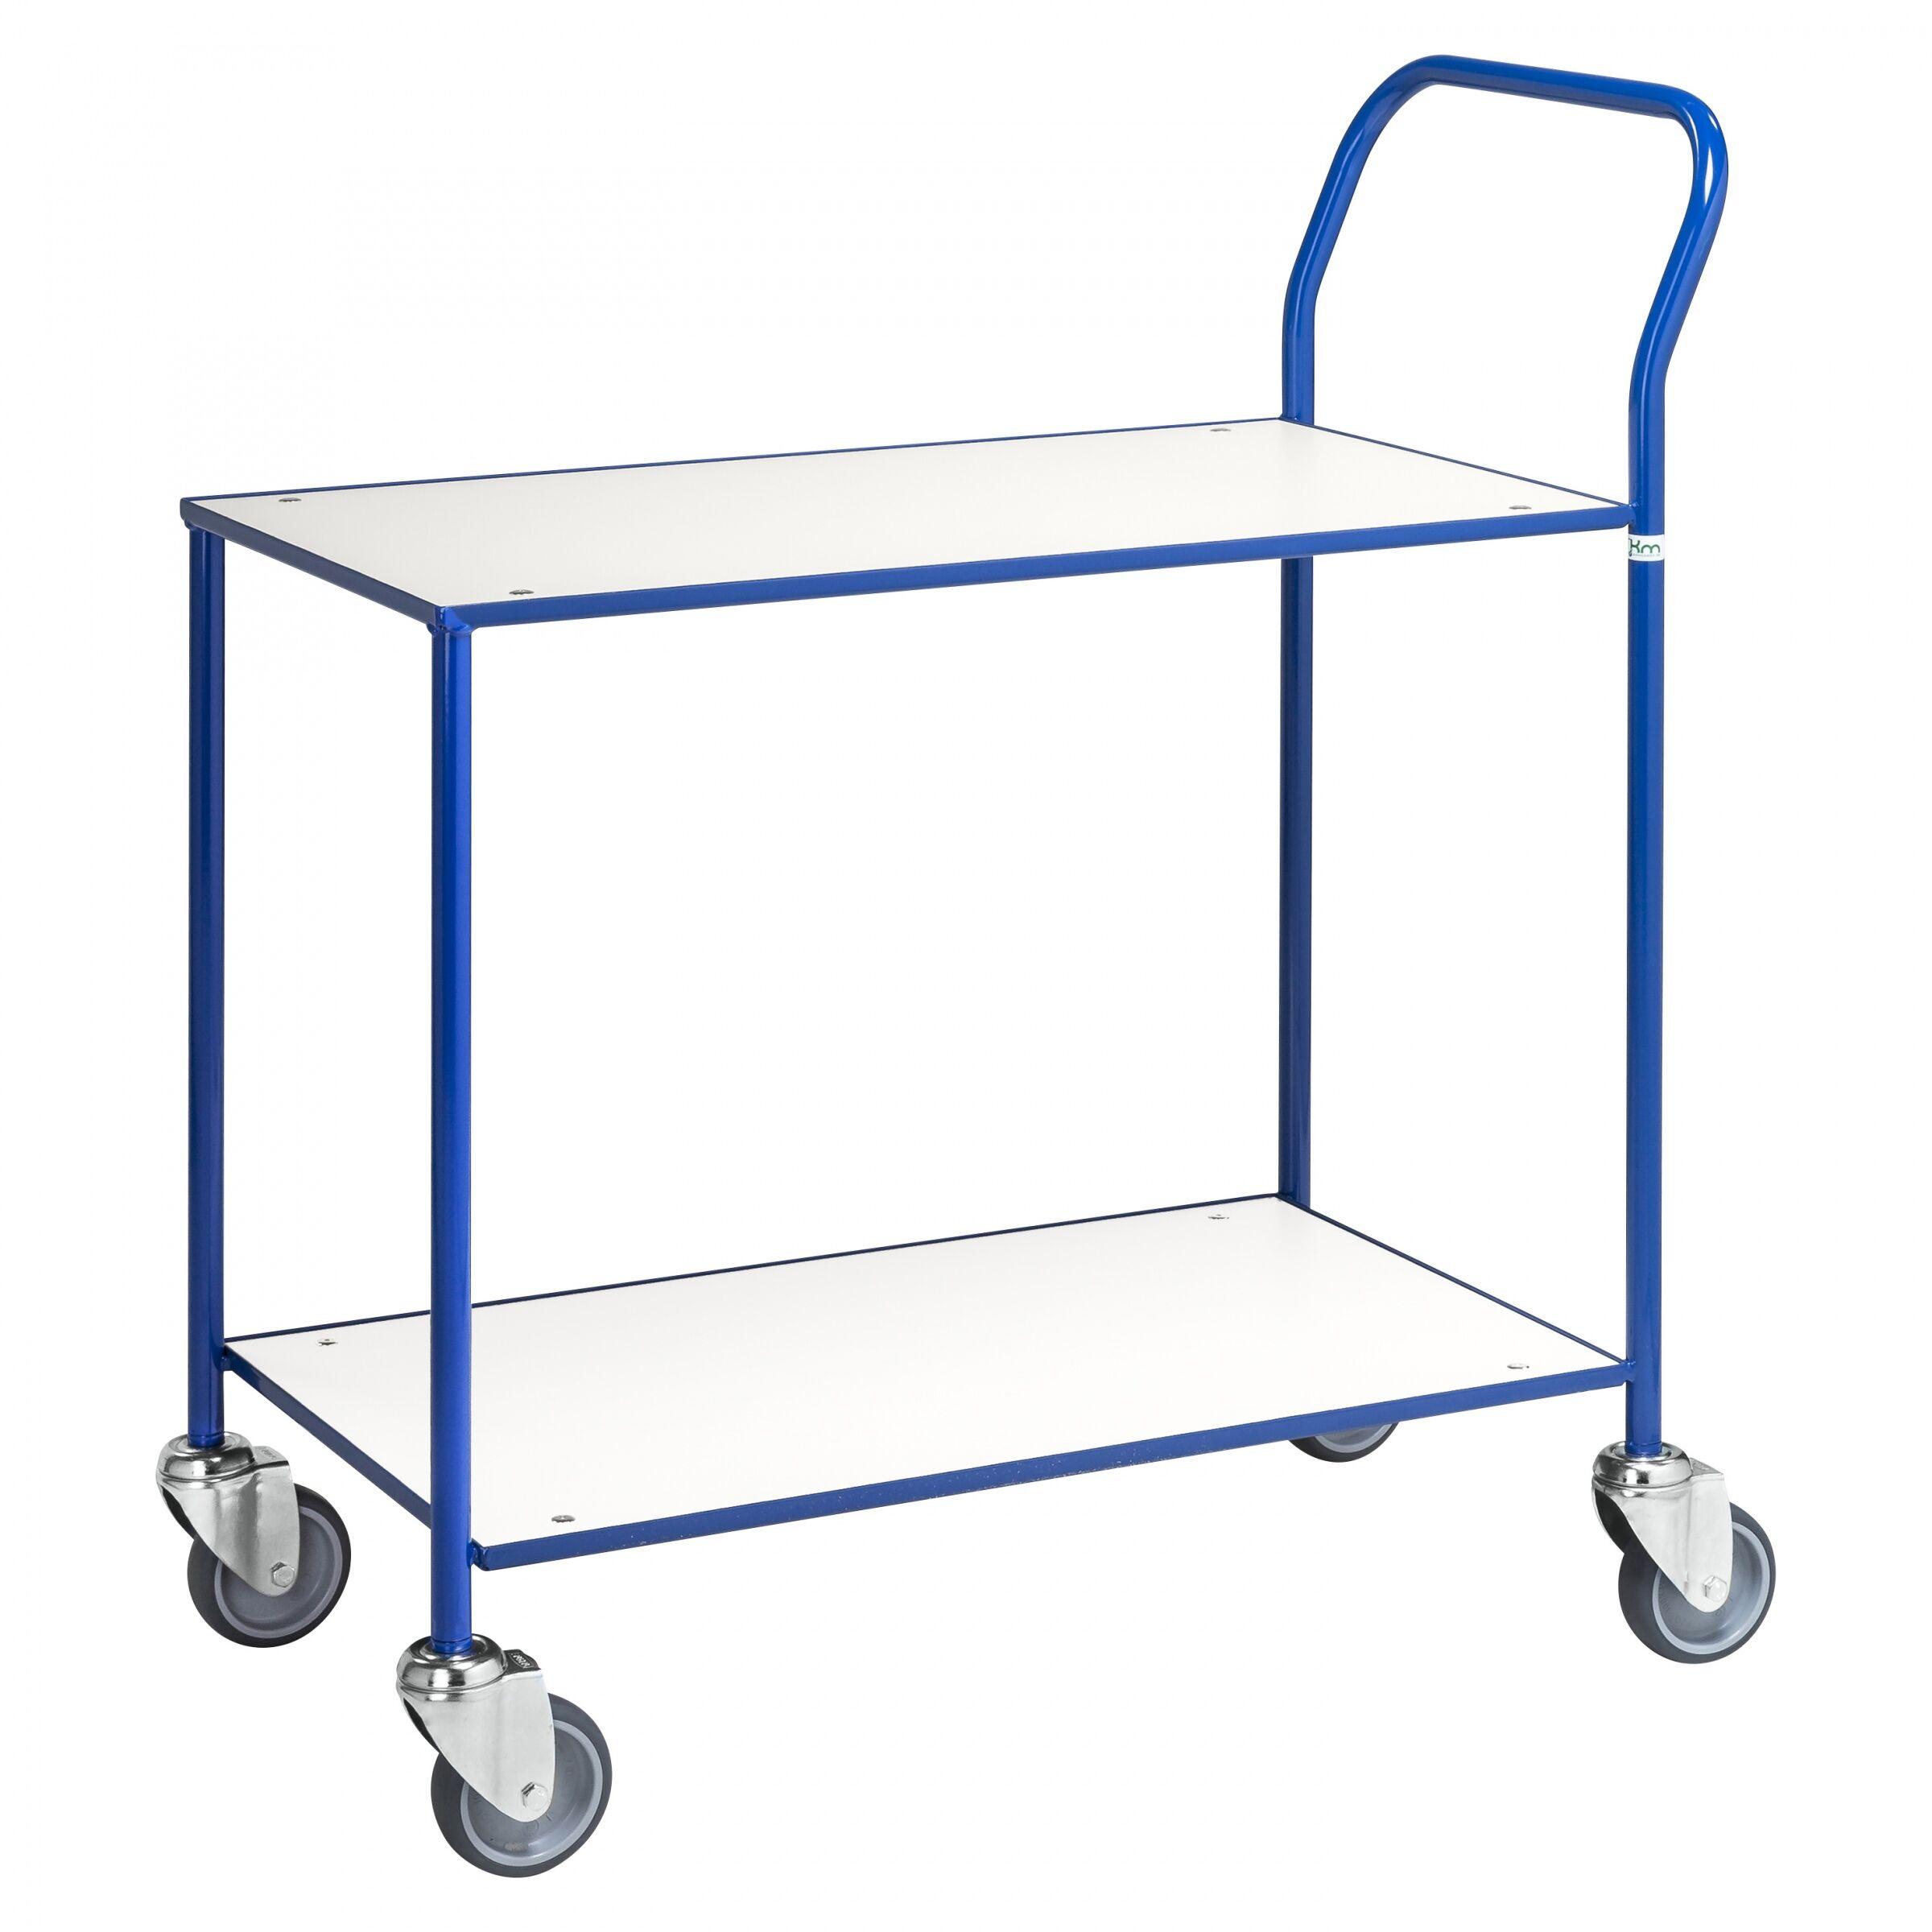 Kongamek Tischwagen voll verschweisst mit blauem Rahmen 755x430mm Ladefläche weiss